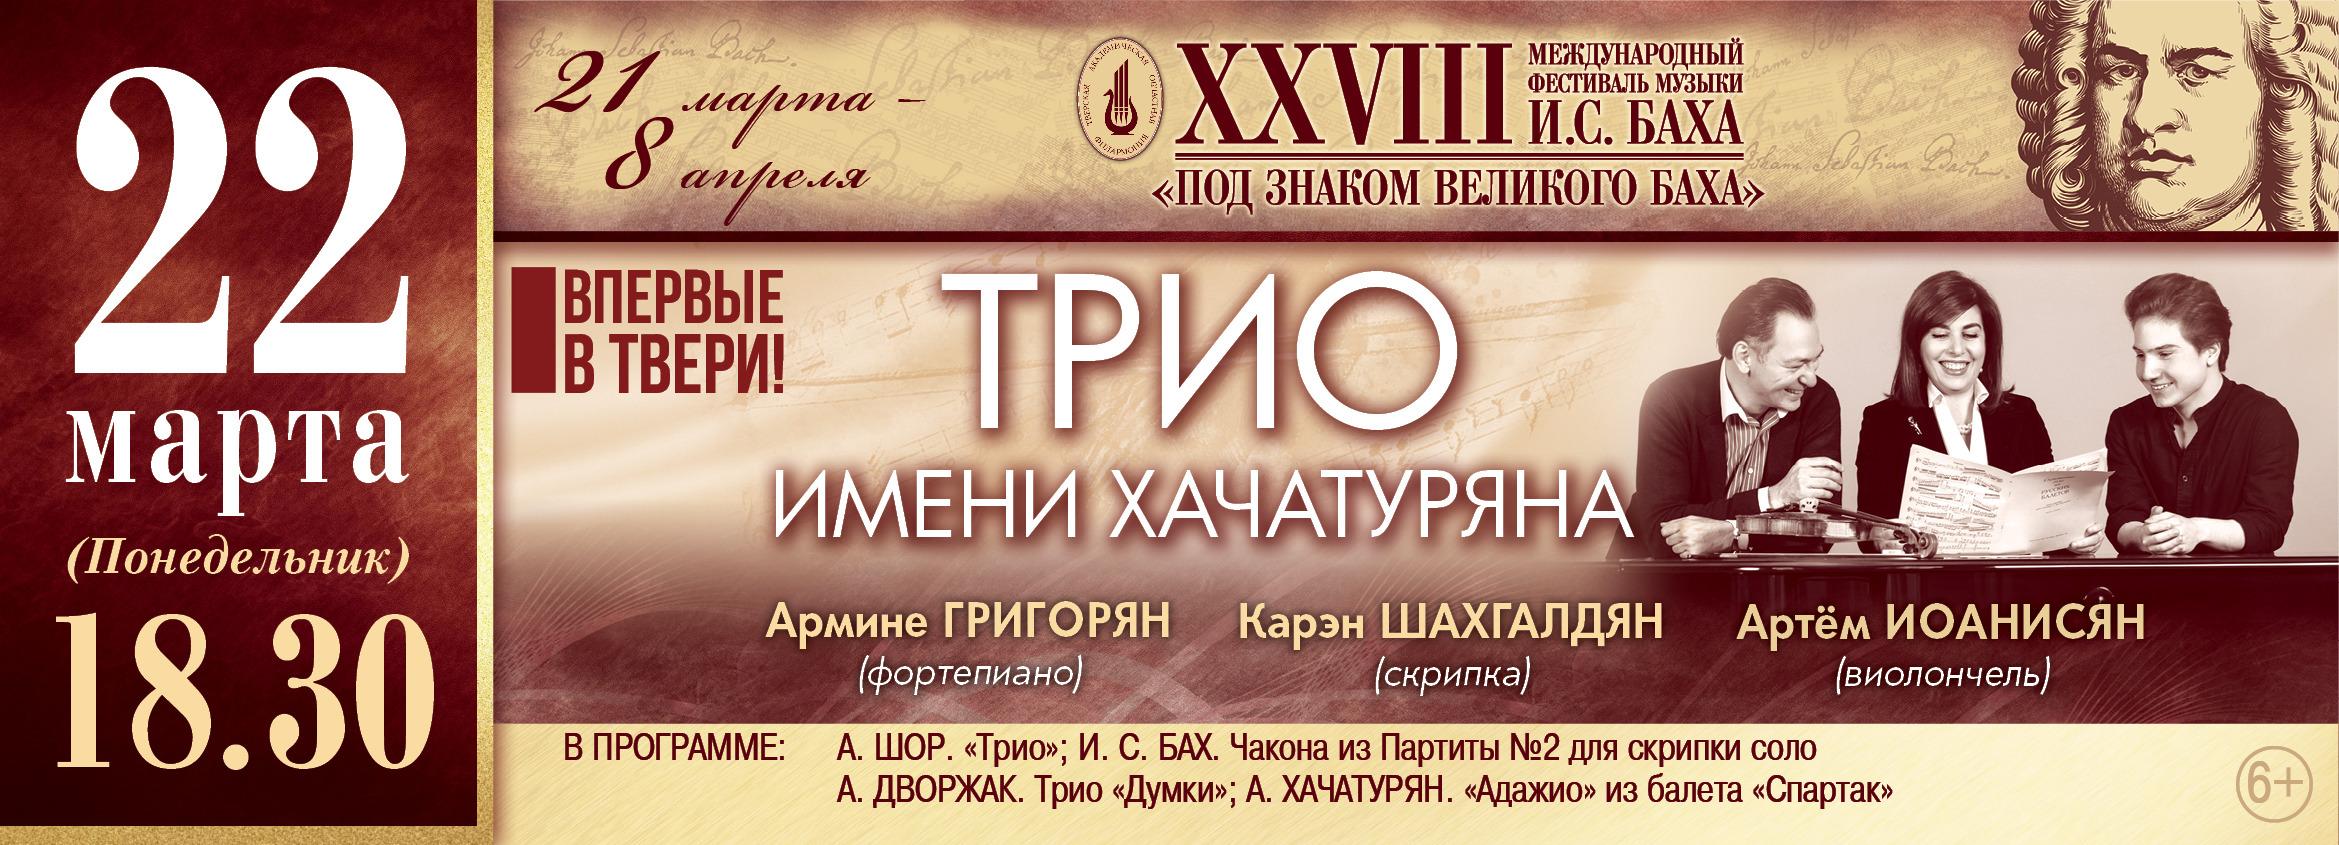 Ансамбль мирового уровня из Армении впервые выступит в Твери